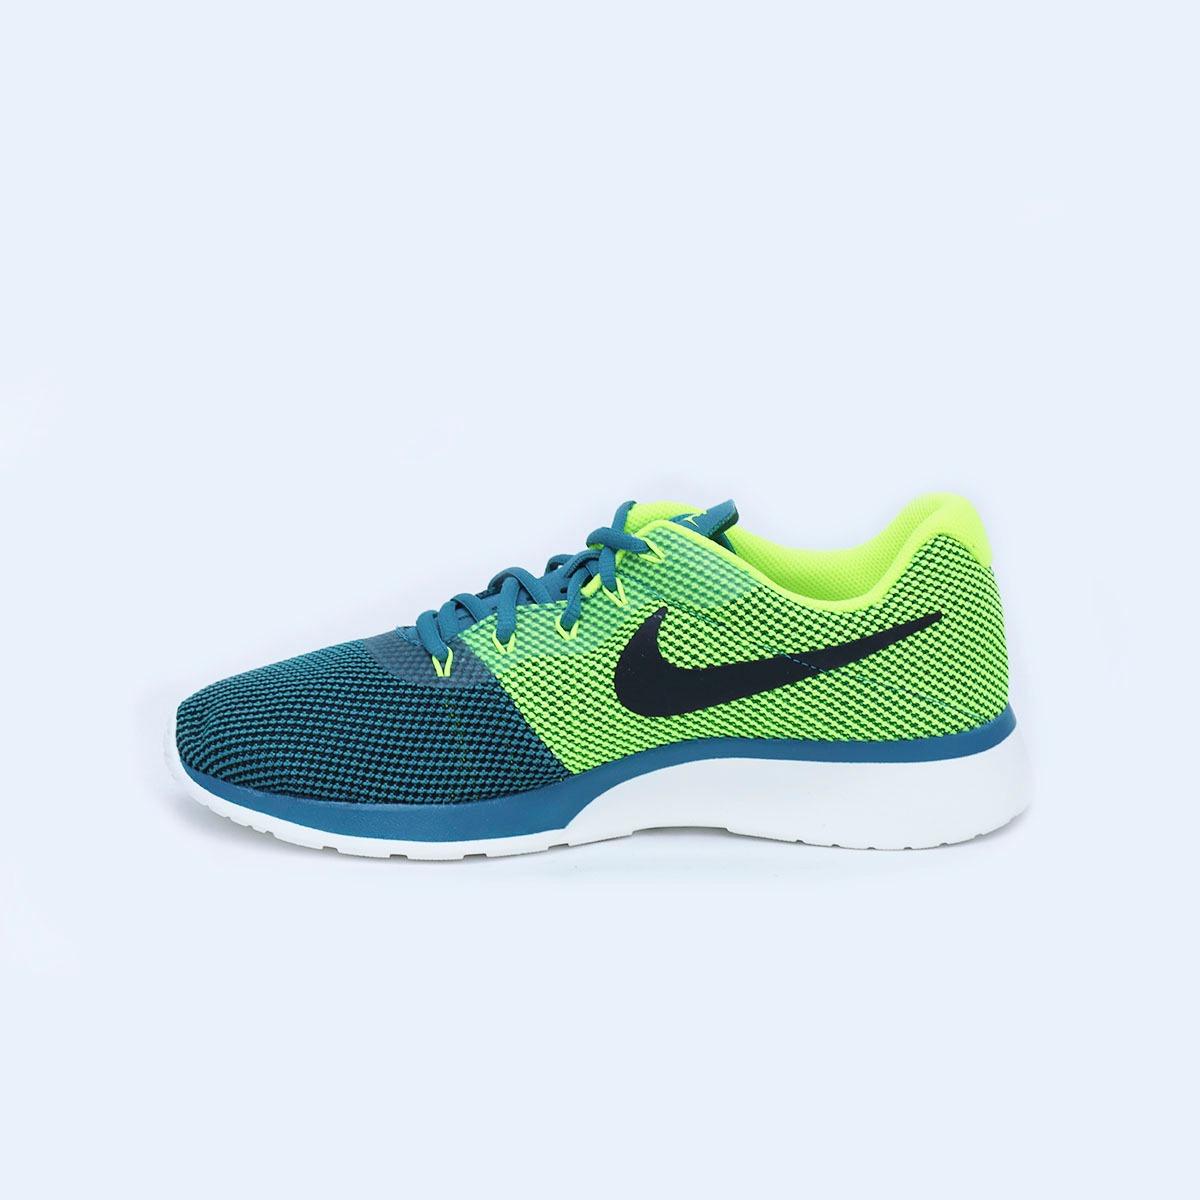 Aplicando cualquier cosa Equipo de juegos  Tenis Nike Tanjun Racer Verde - $ 110.000 en Mercado Libre